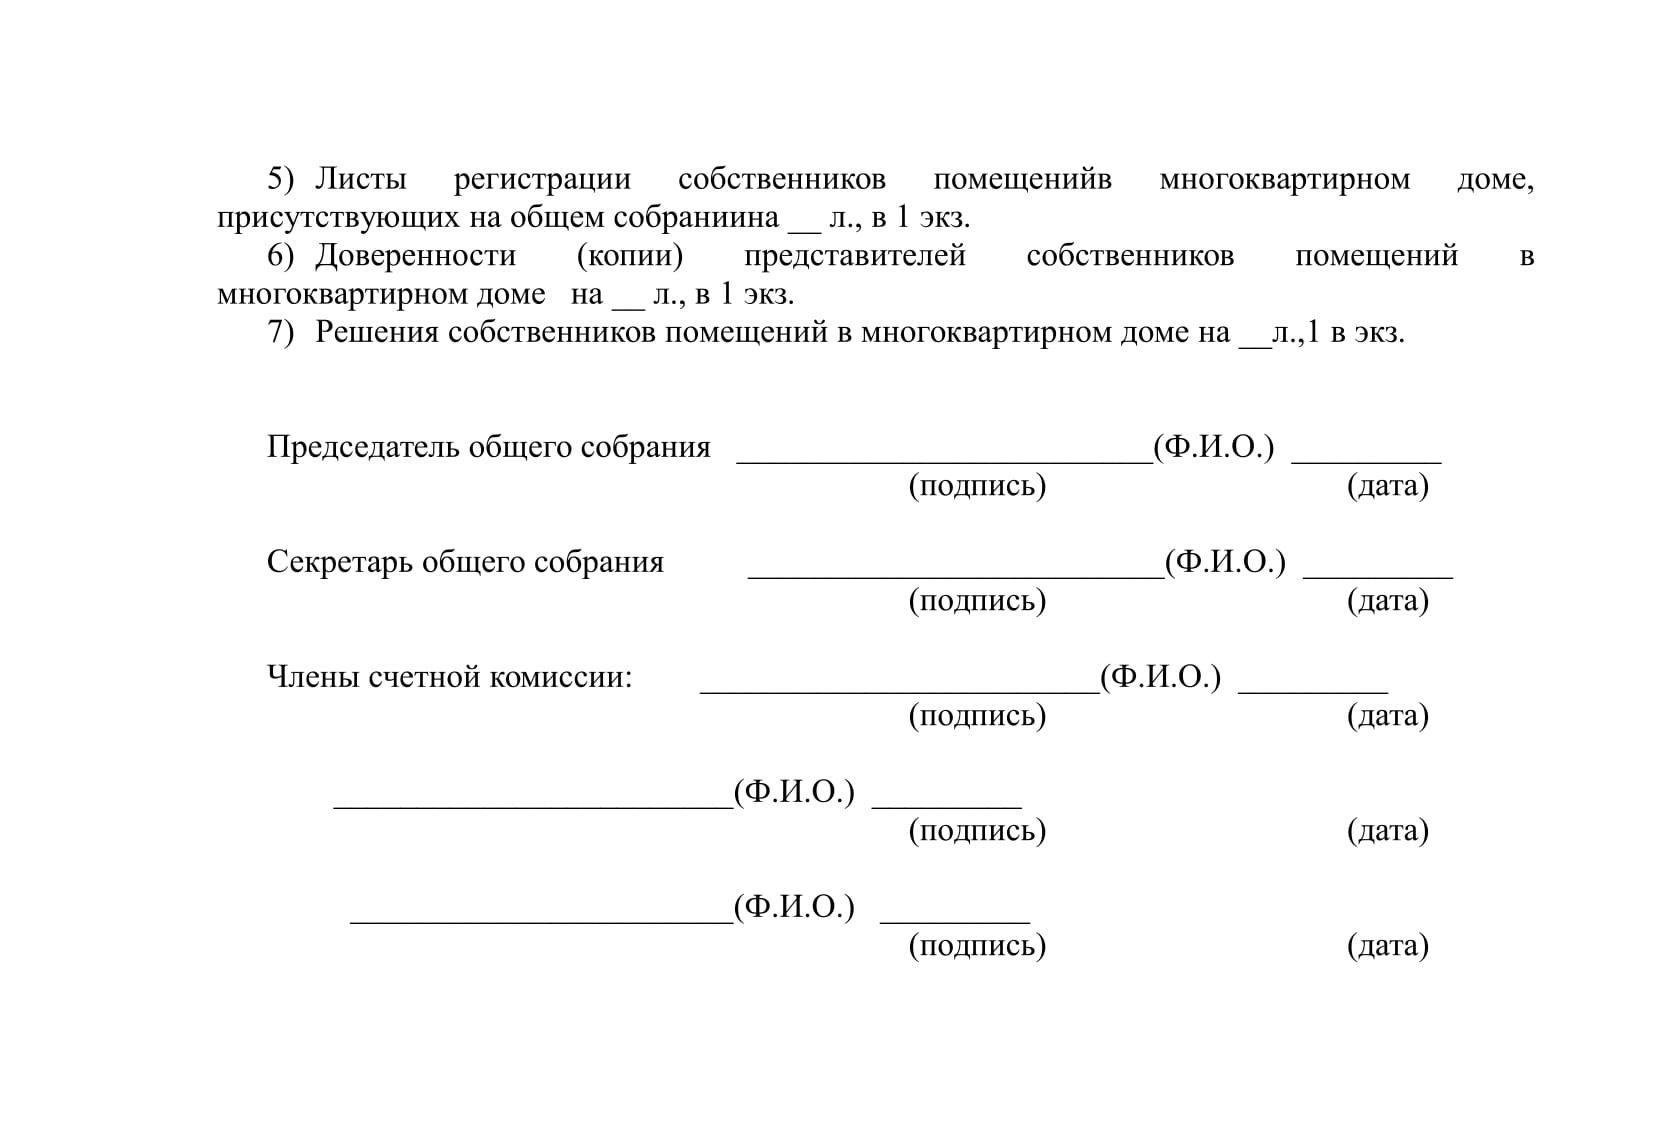 Образец протокола собрания собственников жилья многоквартирного дома